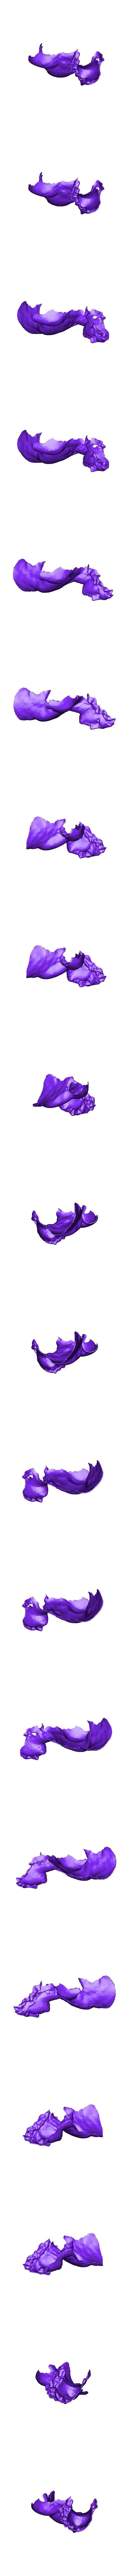 v03_121222_The_Inopos_remixed.stl Télécharger fichier OBJ gratuit Les Inopos • Objet pour impression 3D, Ghashgar